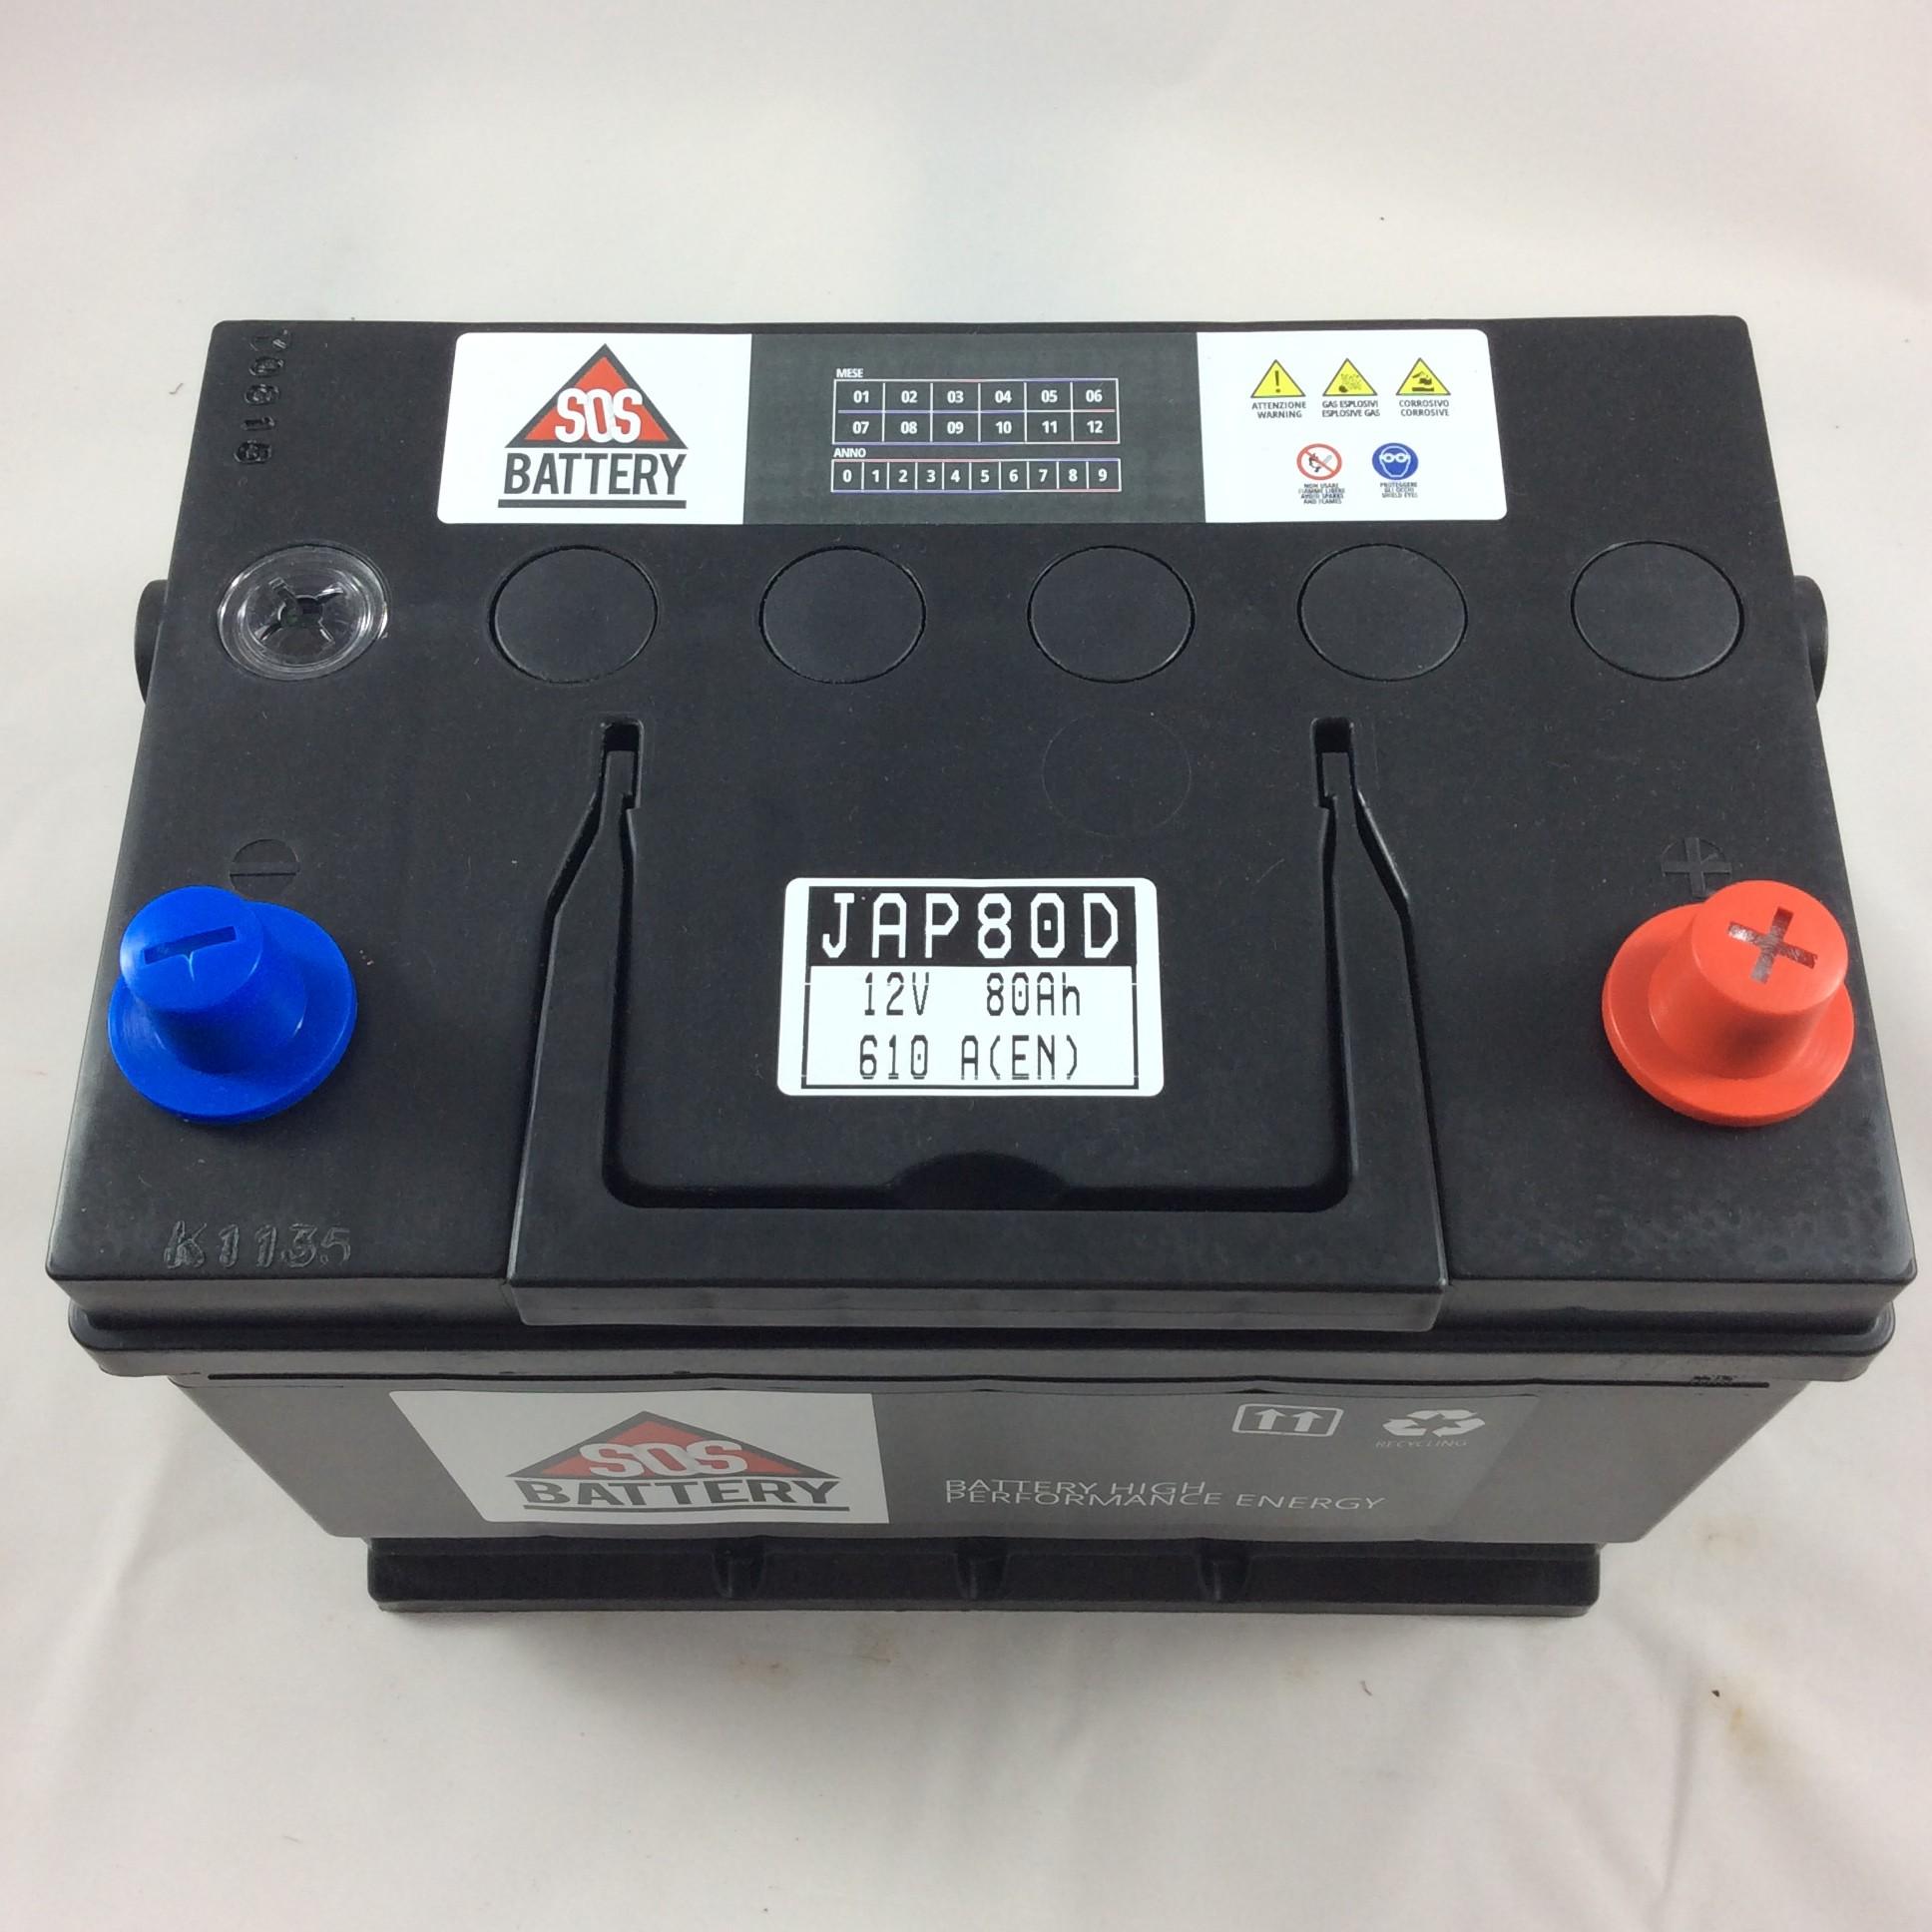 batteria sos battery 12v 80ah 640a en jap80d sos battery vendita batterie online a prezzi. Black Bedroom Furniture Sets. Home Design Ideas